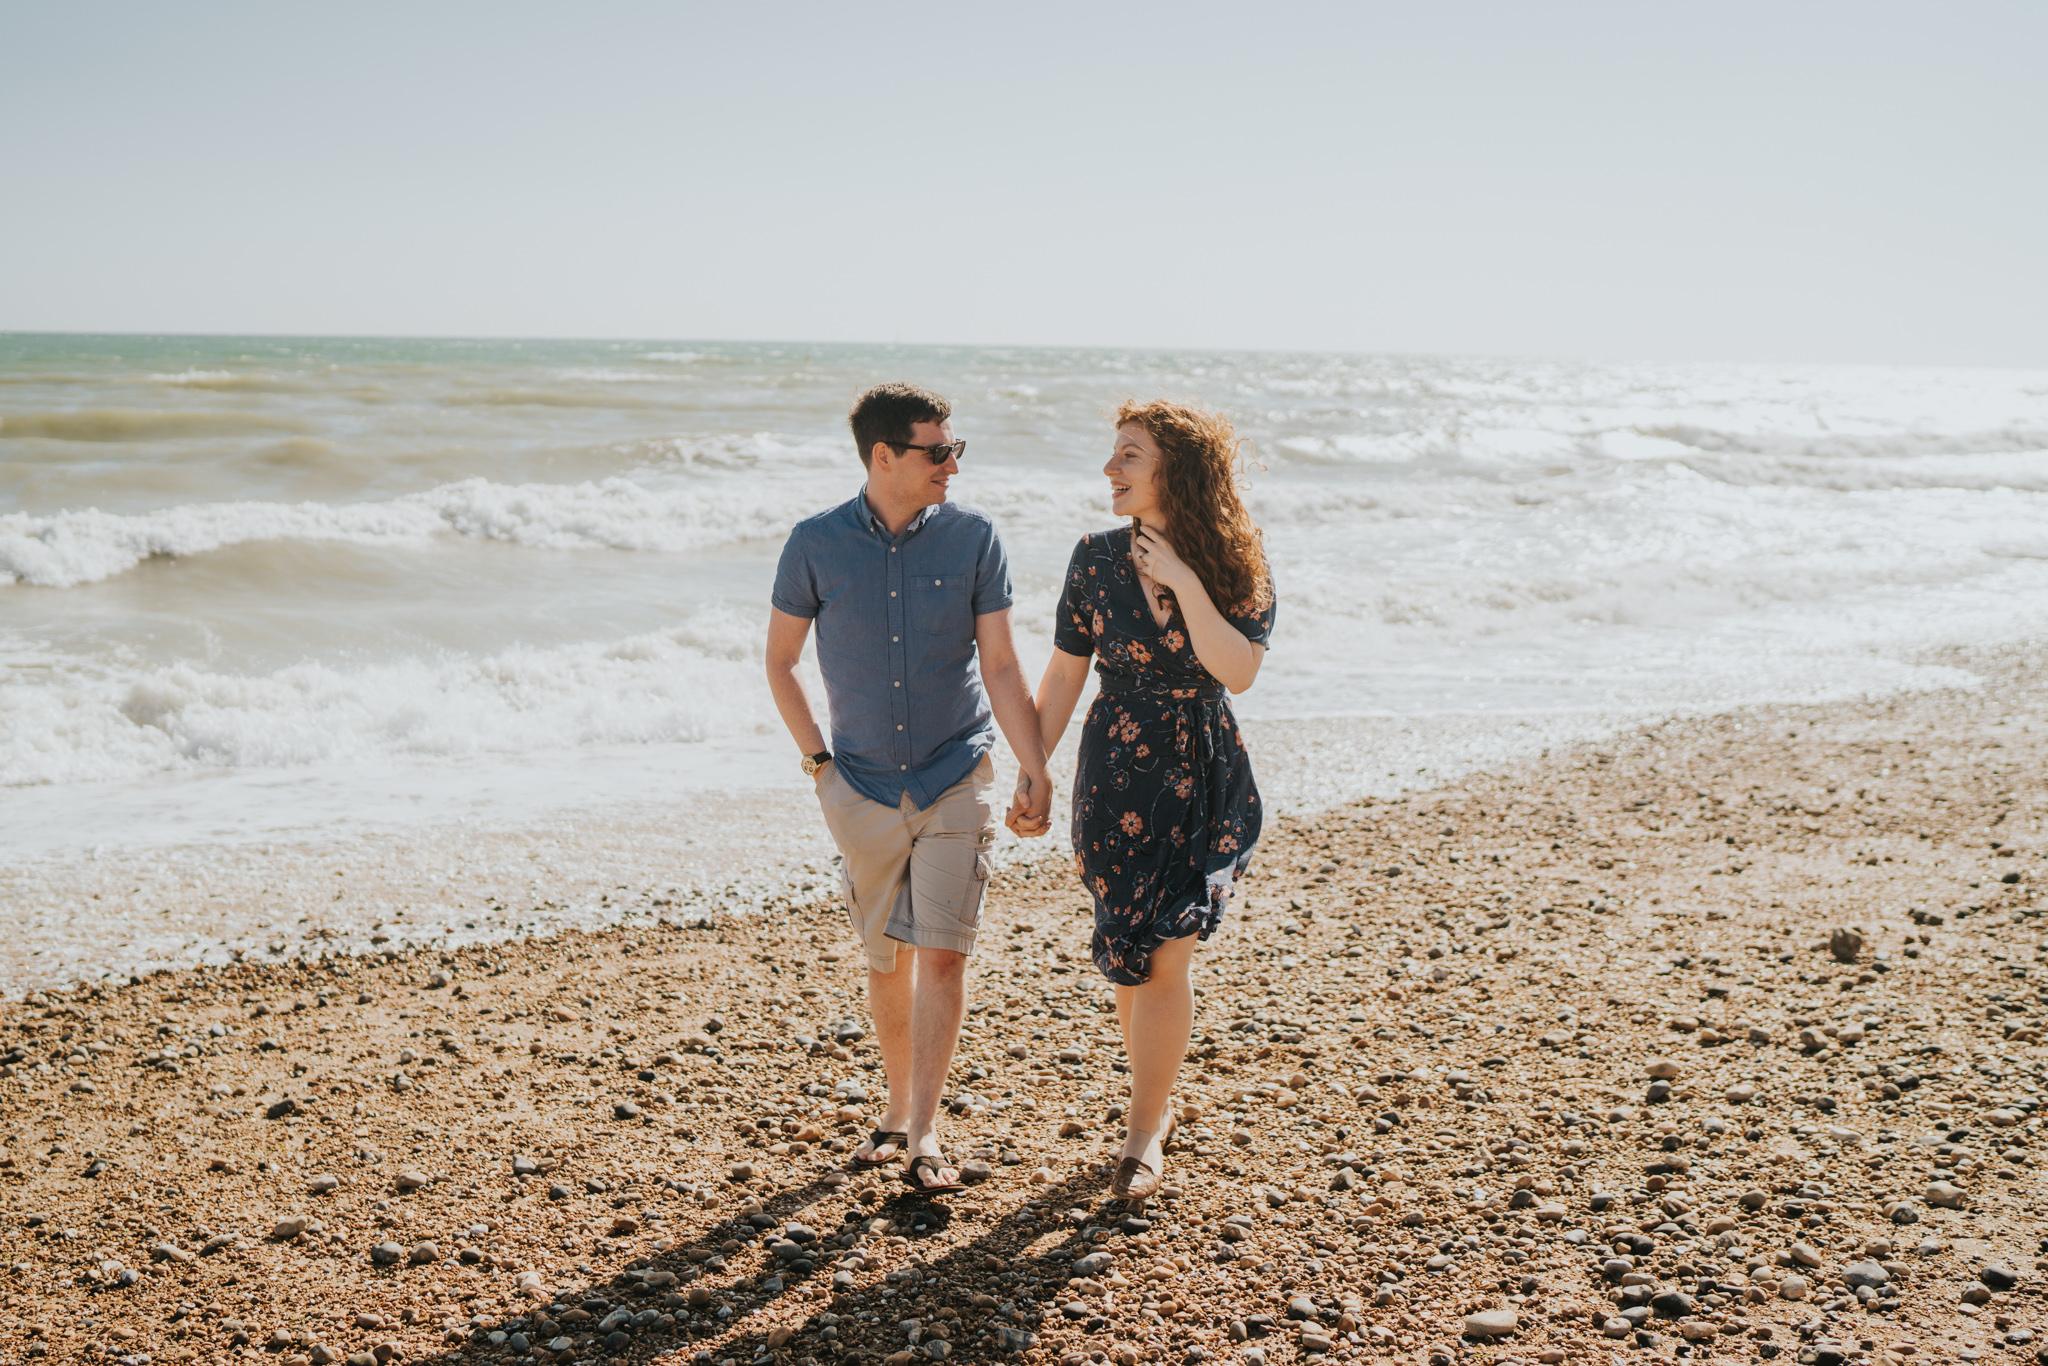 philippa-mark-pre-wedding-session-brighton-pier-colchester-grace-elizabeth-colchester-essex-alternative-wedding-lifestyle-photographer-essex-suffolk-norfolk-devon-6.jpg